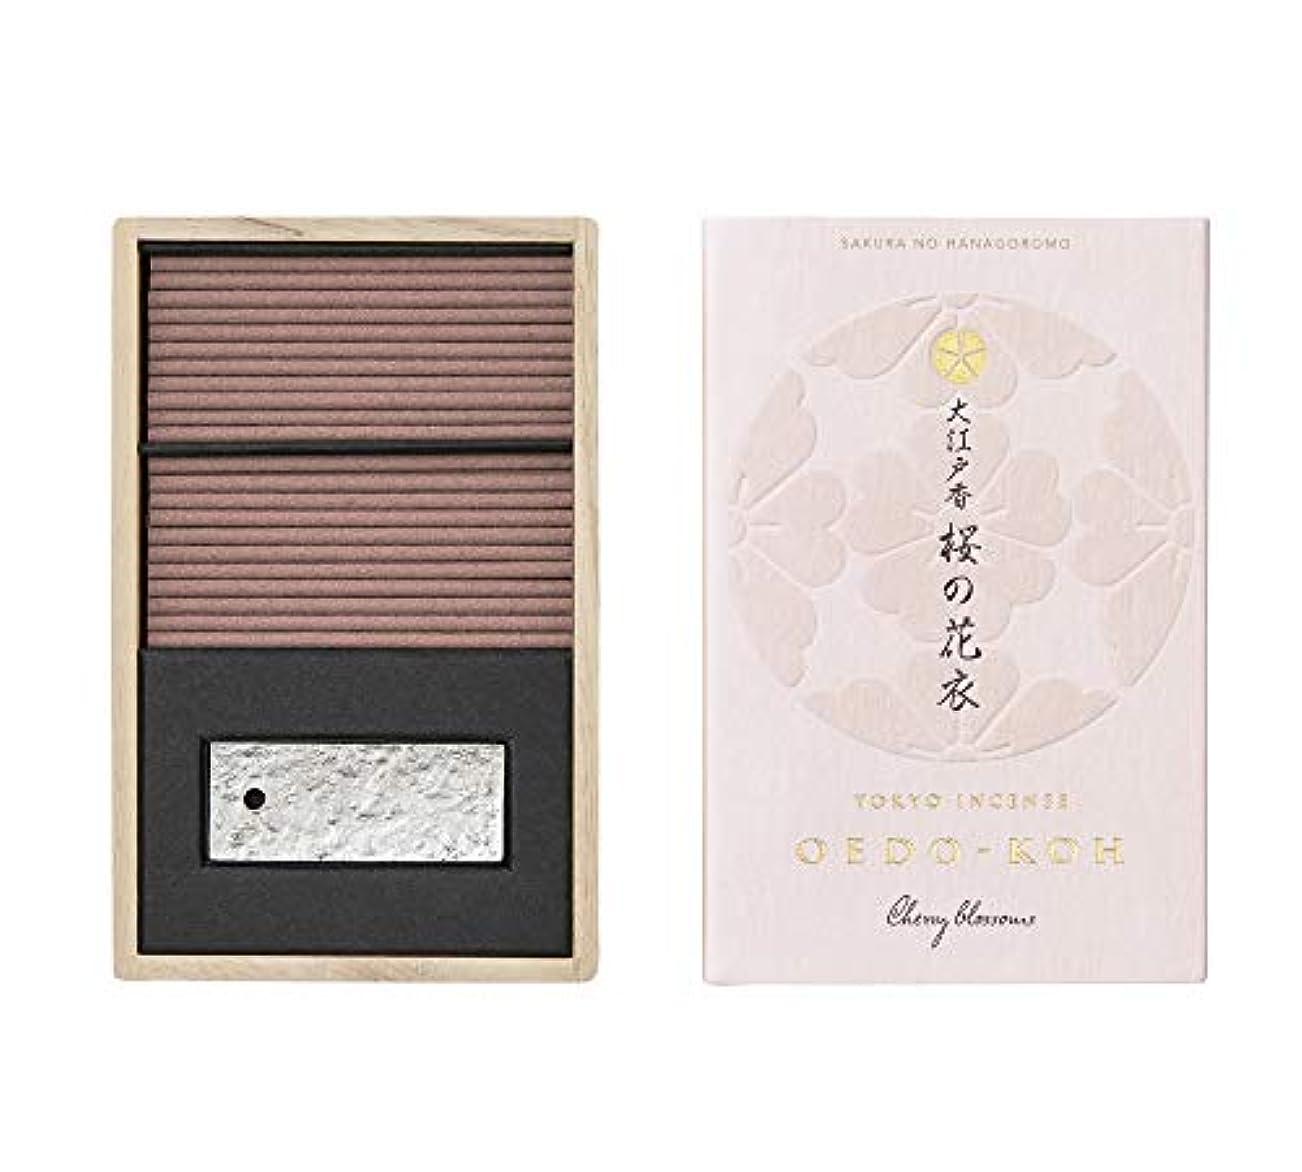 スケルトン帝国主義ゲインセイ日本香堂 大江戸香 桜の花衣(さくらのはなごろも) スティック60本入 香立付